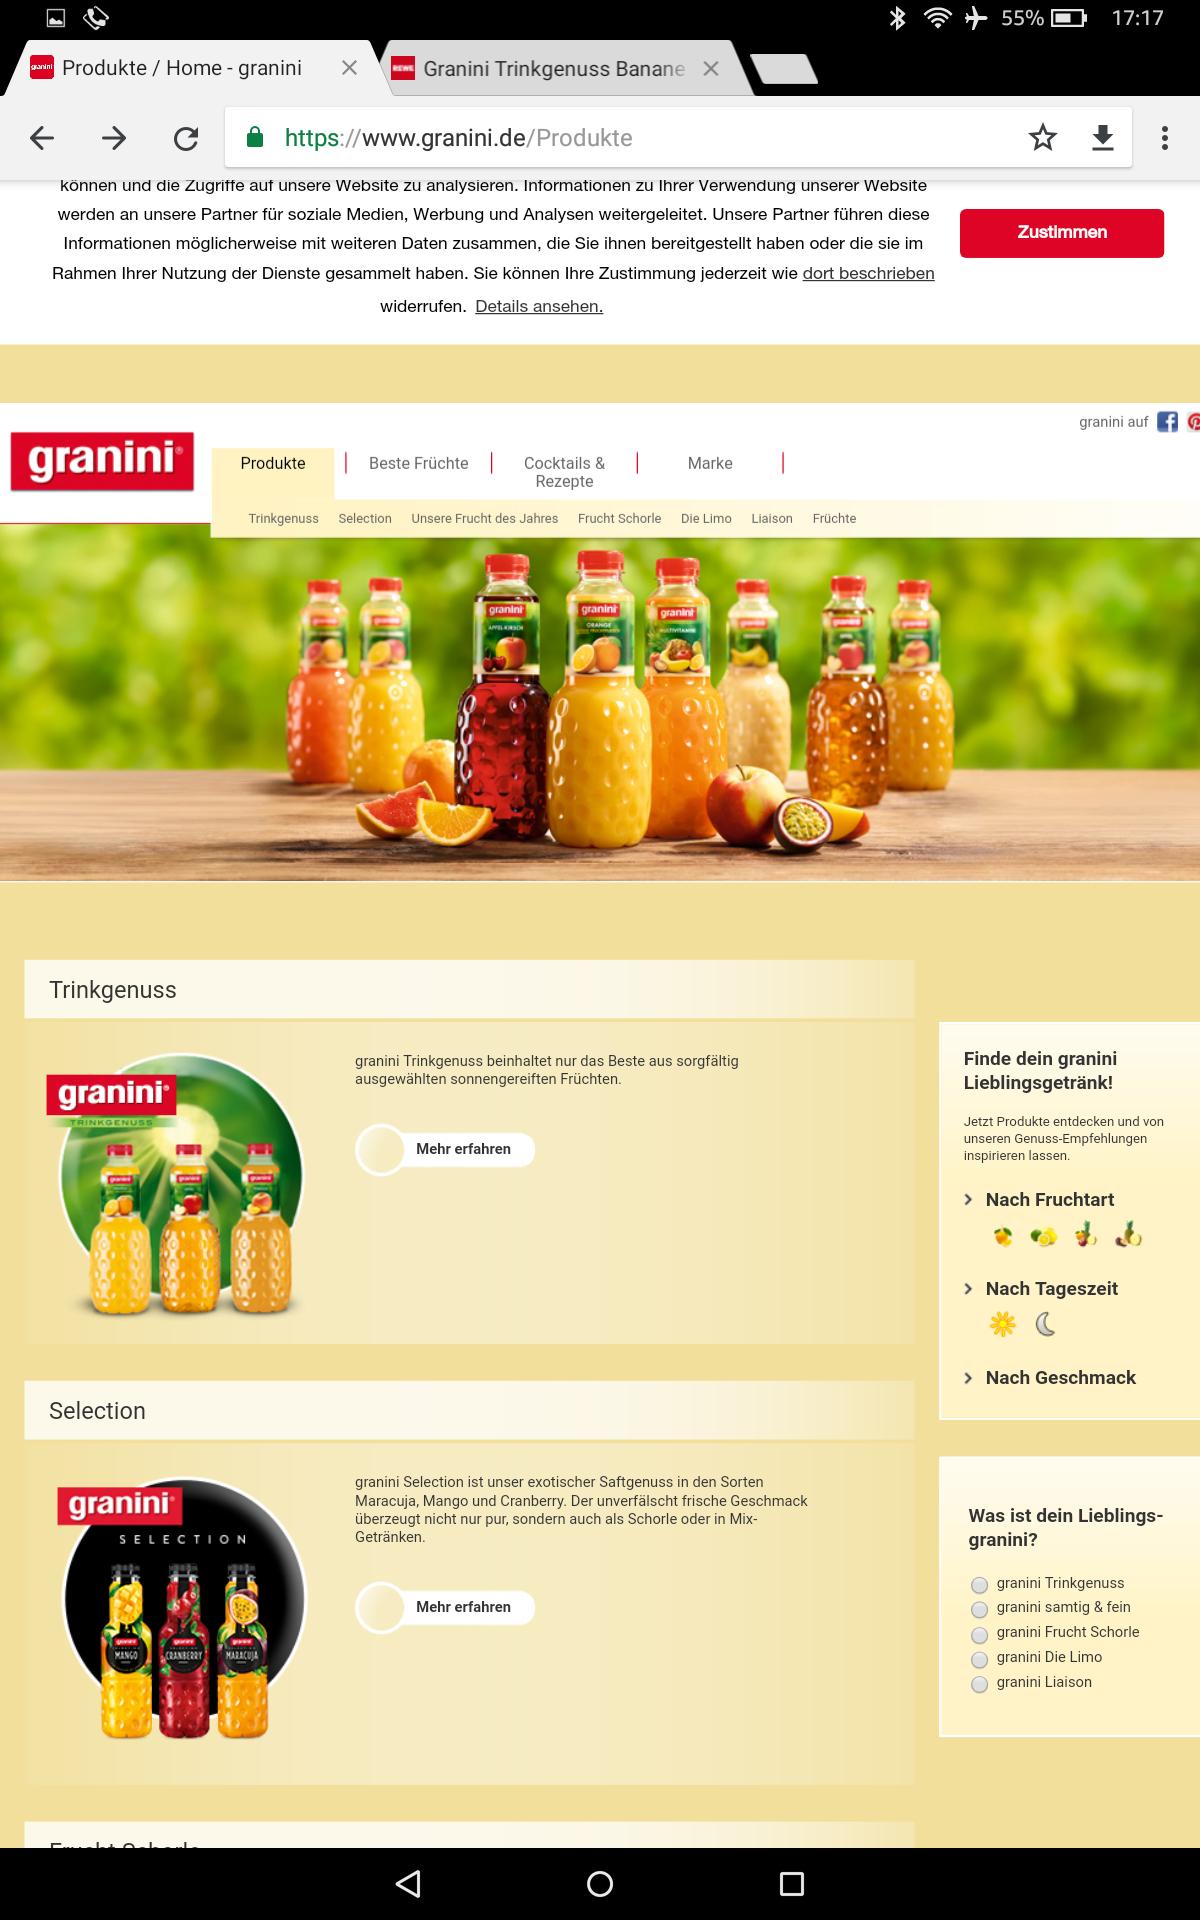 Granini Trinkgenuss / Selection versch. Sorten